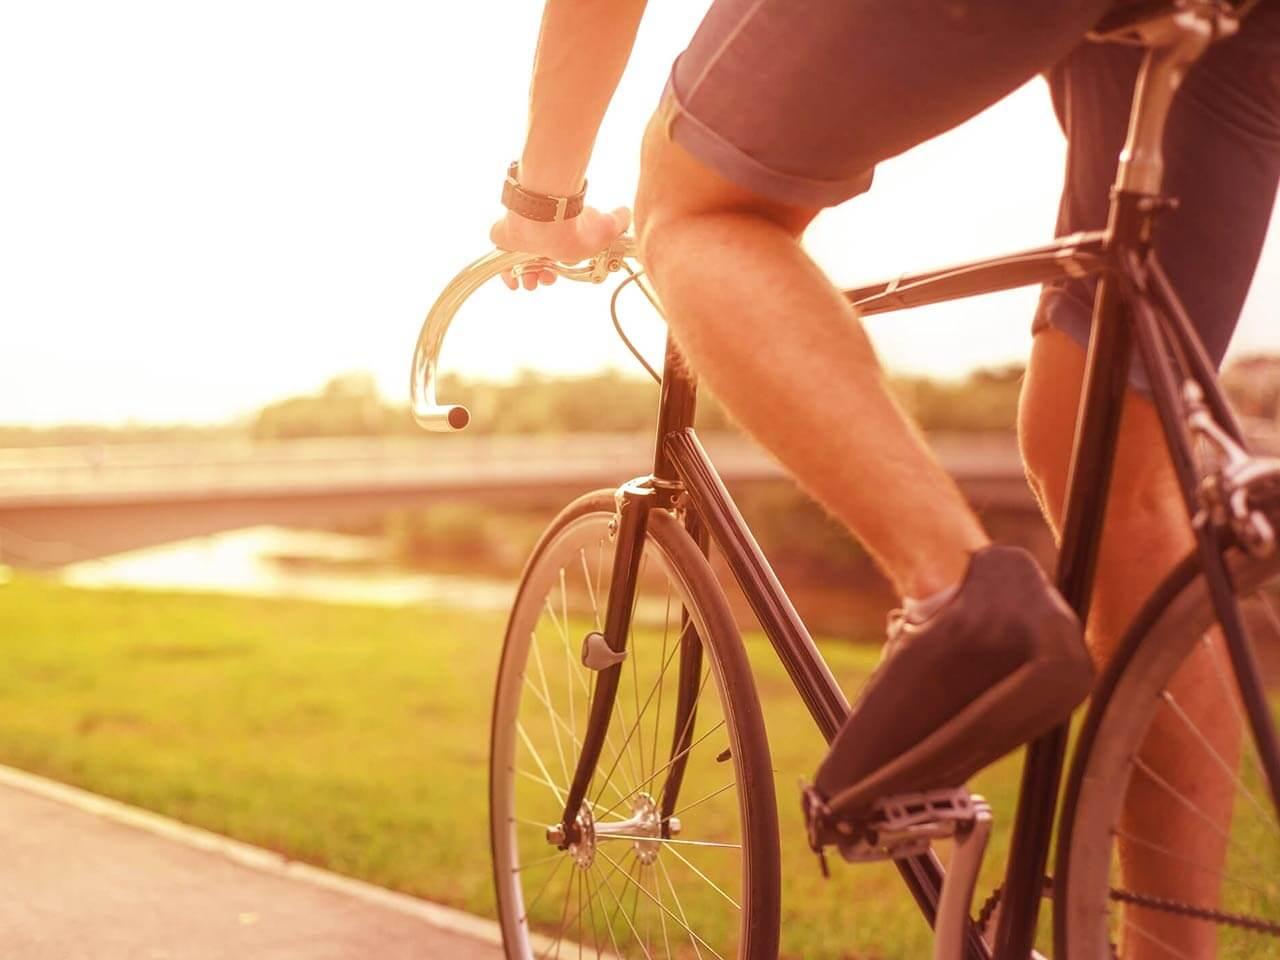 Man cycling along path